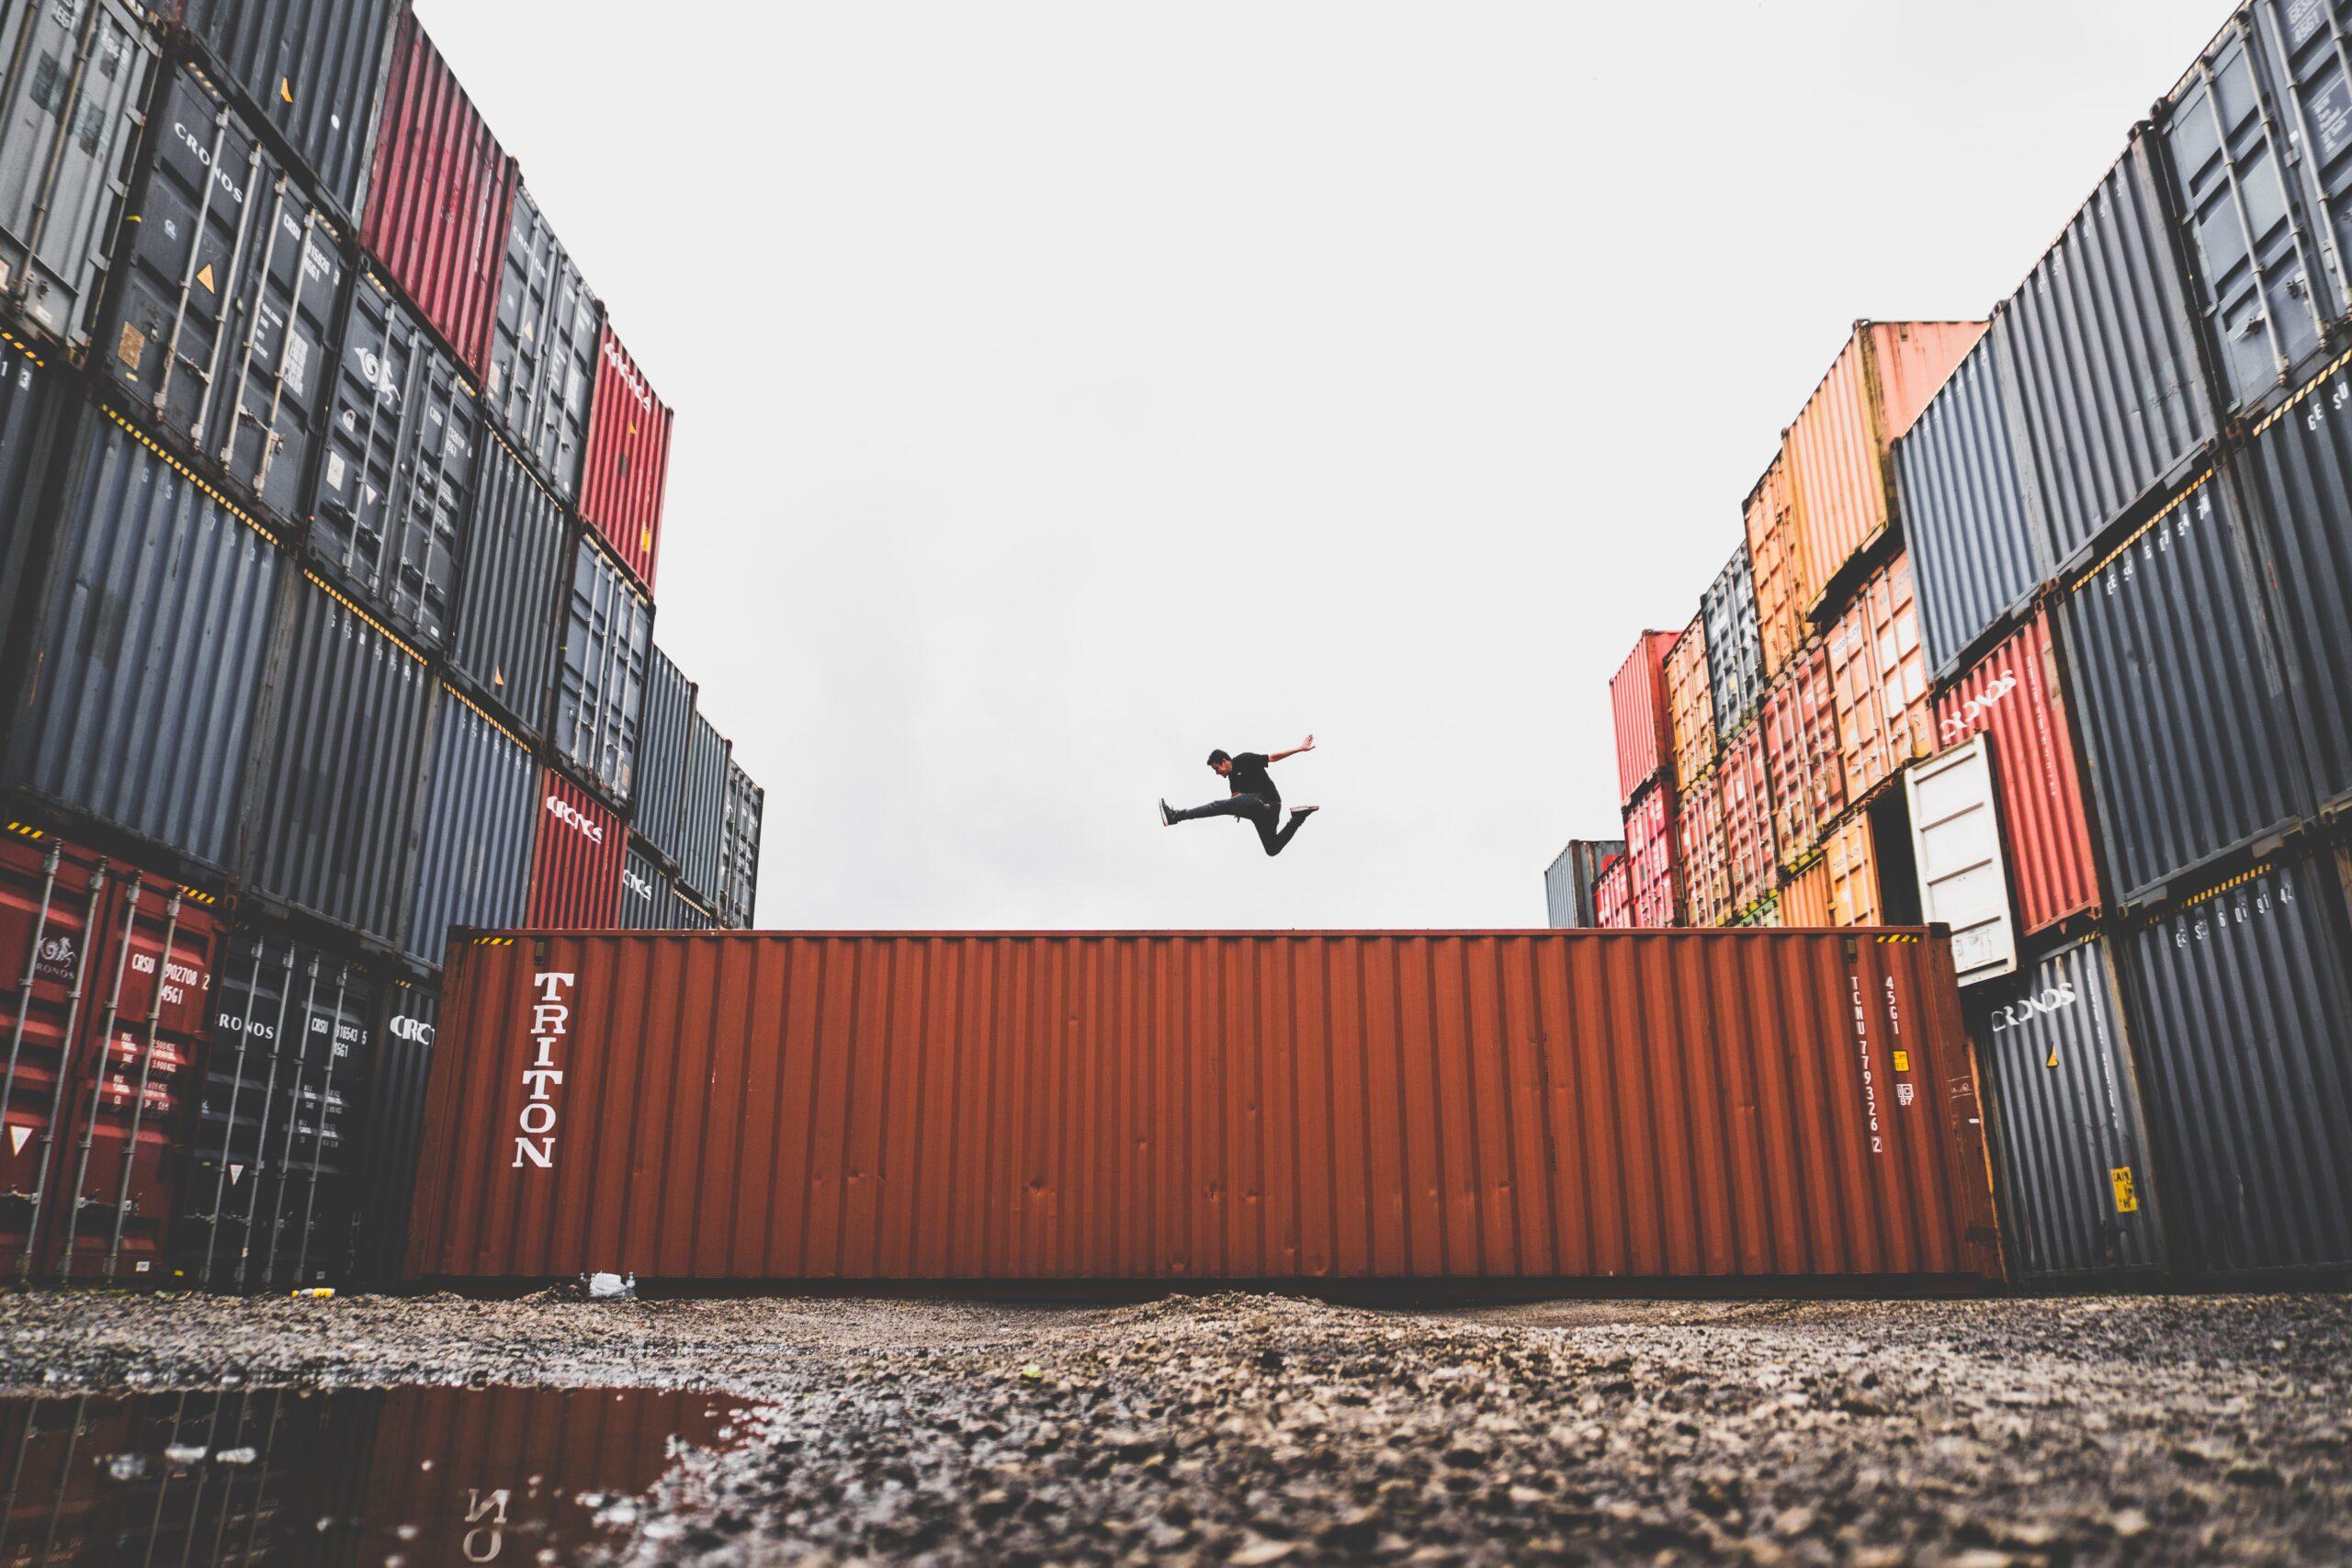 Udlejning af containere til ethvert formål herunder 10 fods containere